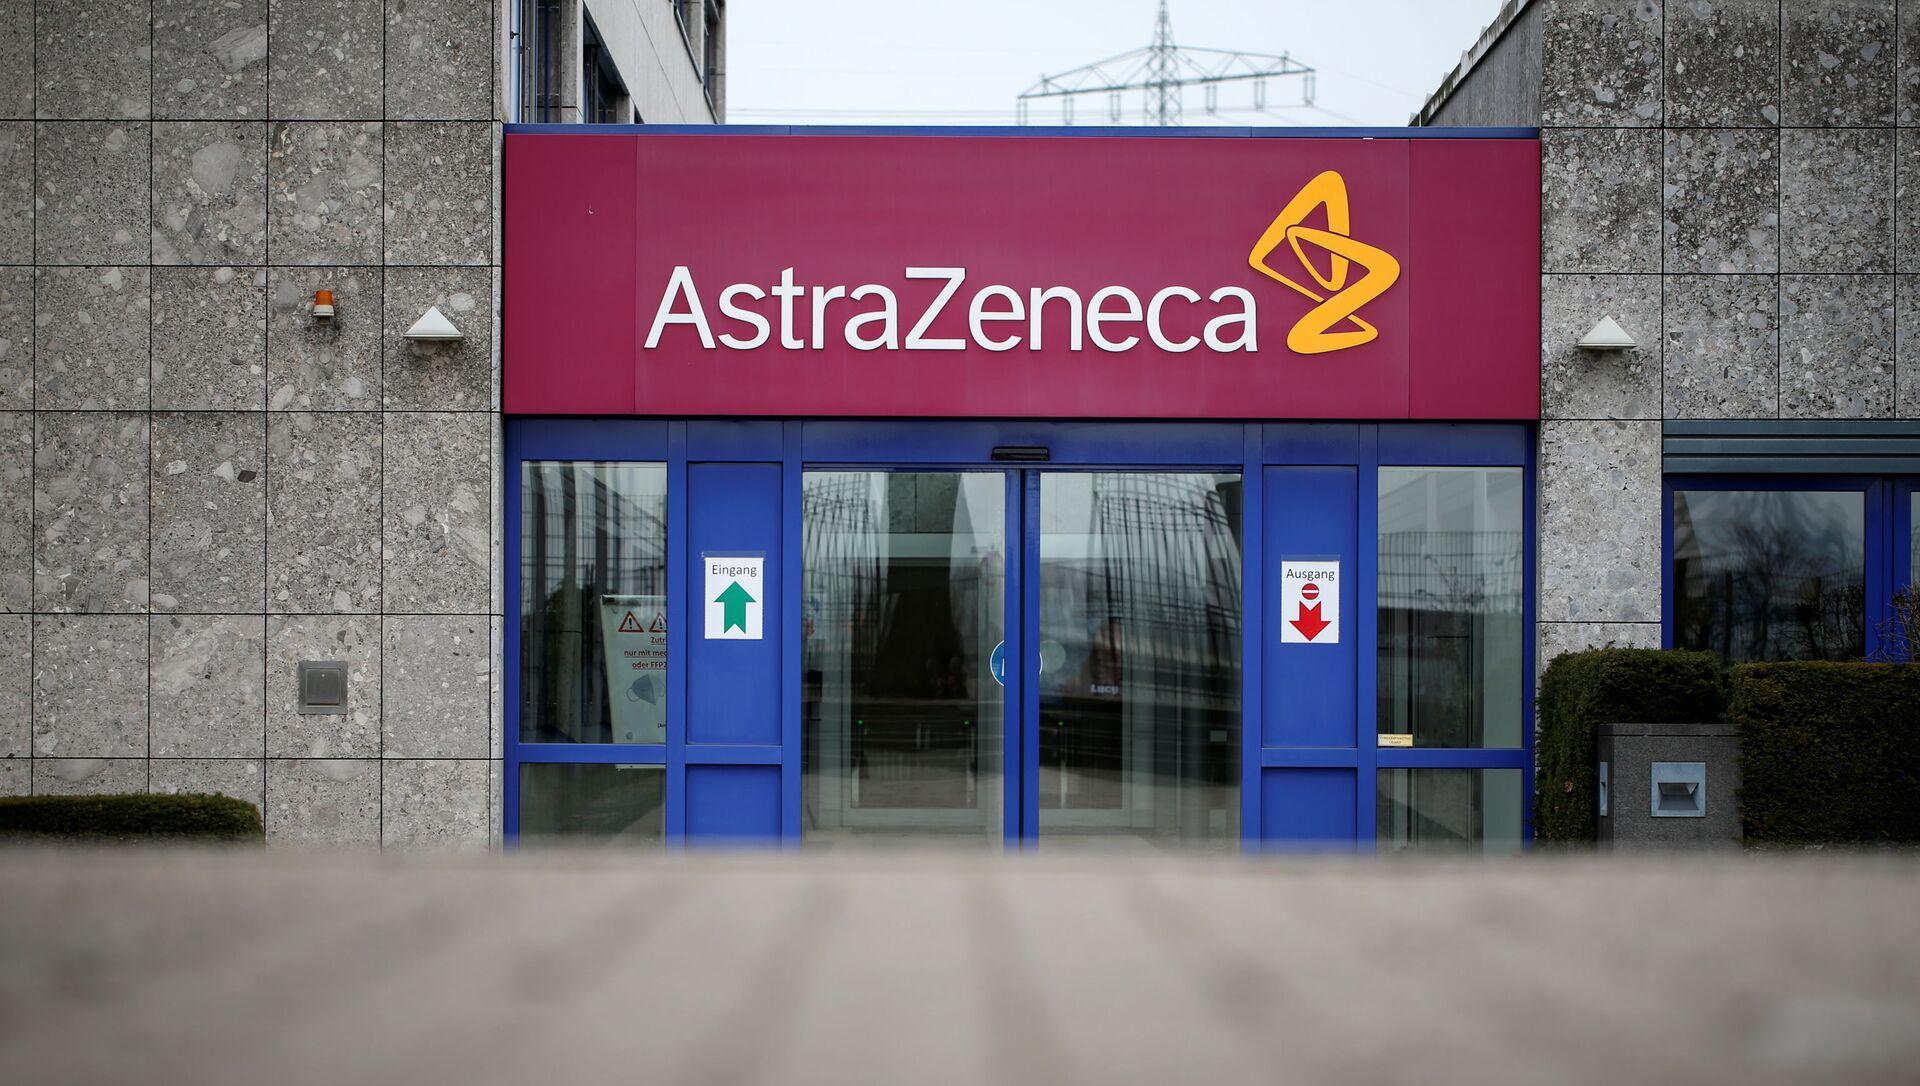 Siedziba szwedzko-brytyjskiej firmy farmaceutycznej AstraZeneca w pobliżu Hamburga, Niemcy - Sputnik Polska, 1920, 04.03.2021